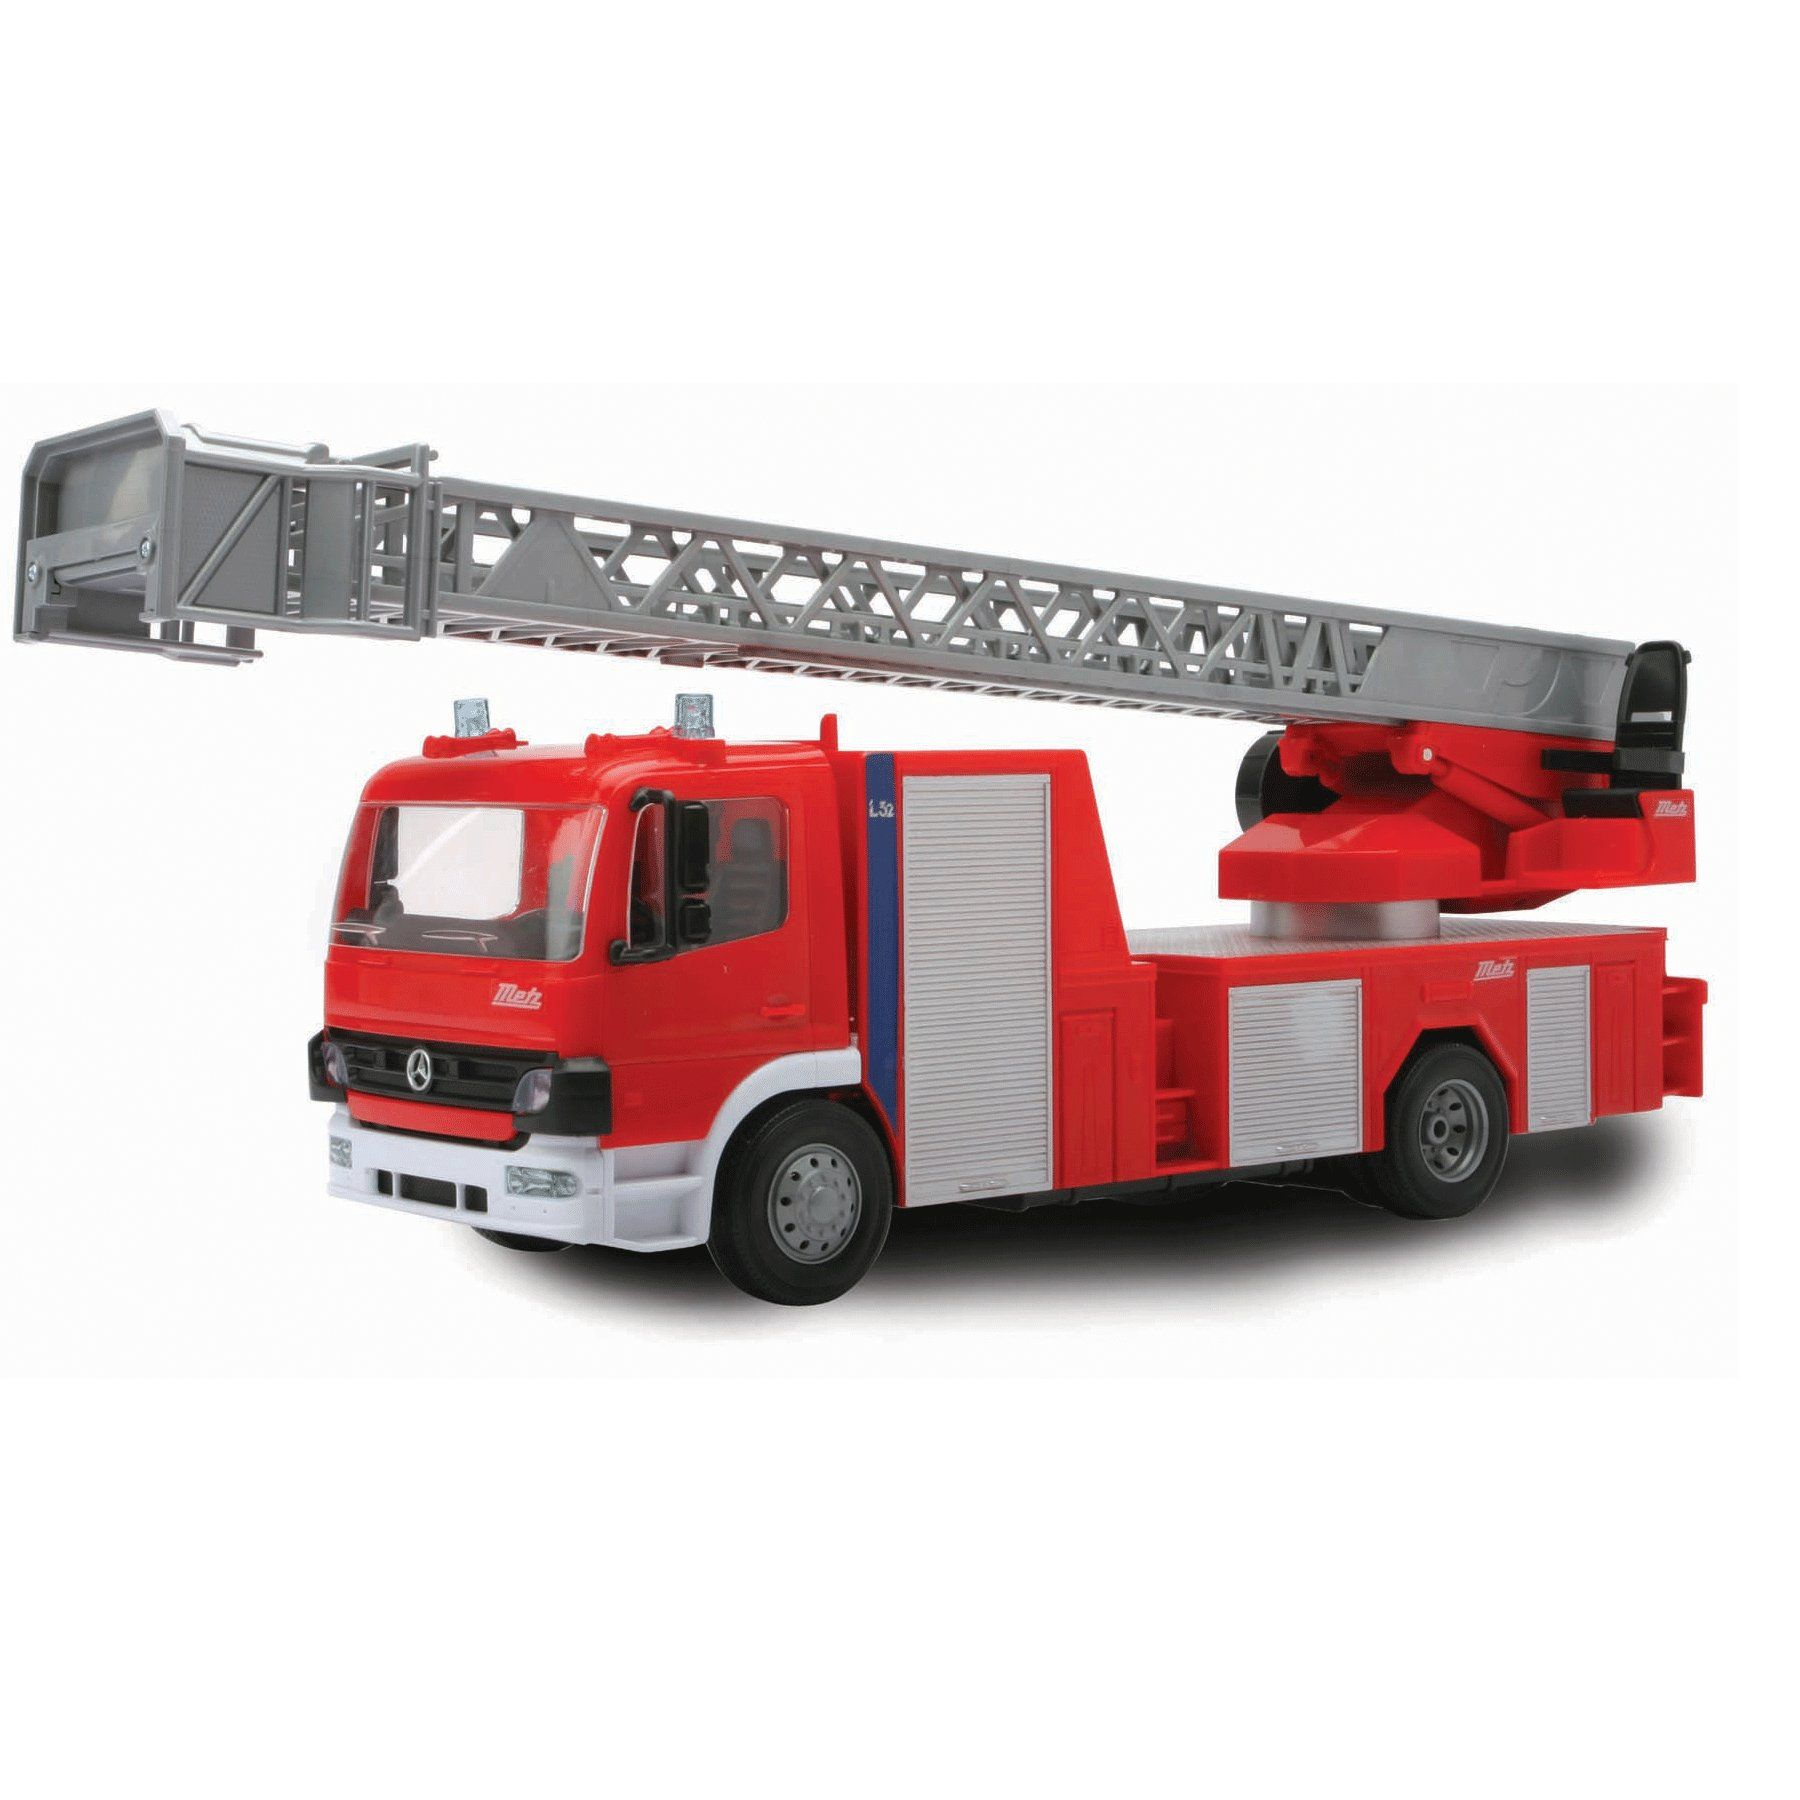 Camion De Pompier : Coloriage Gratuit D'un Camion De Pompier à Jeux Gratuit De Pompier